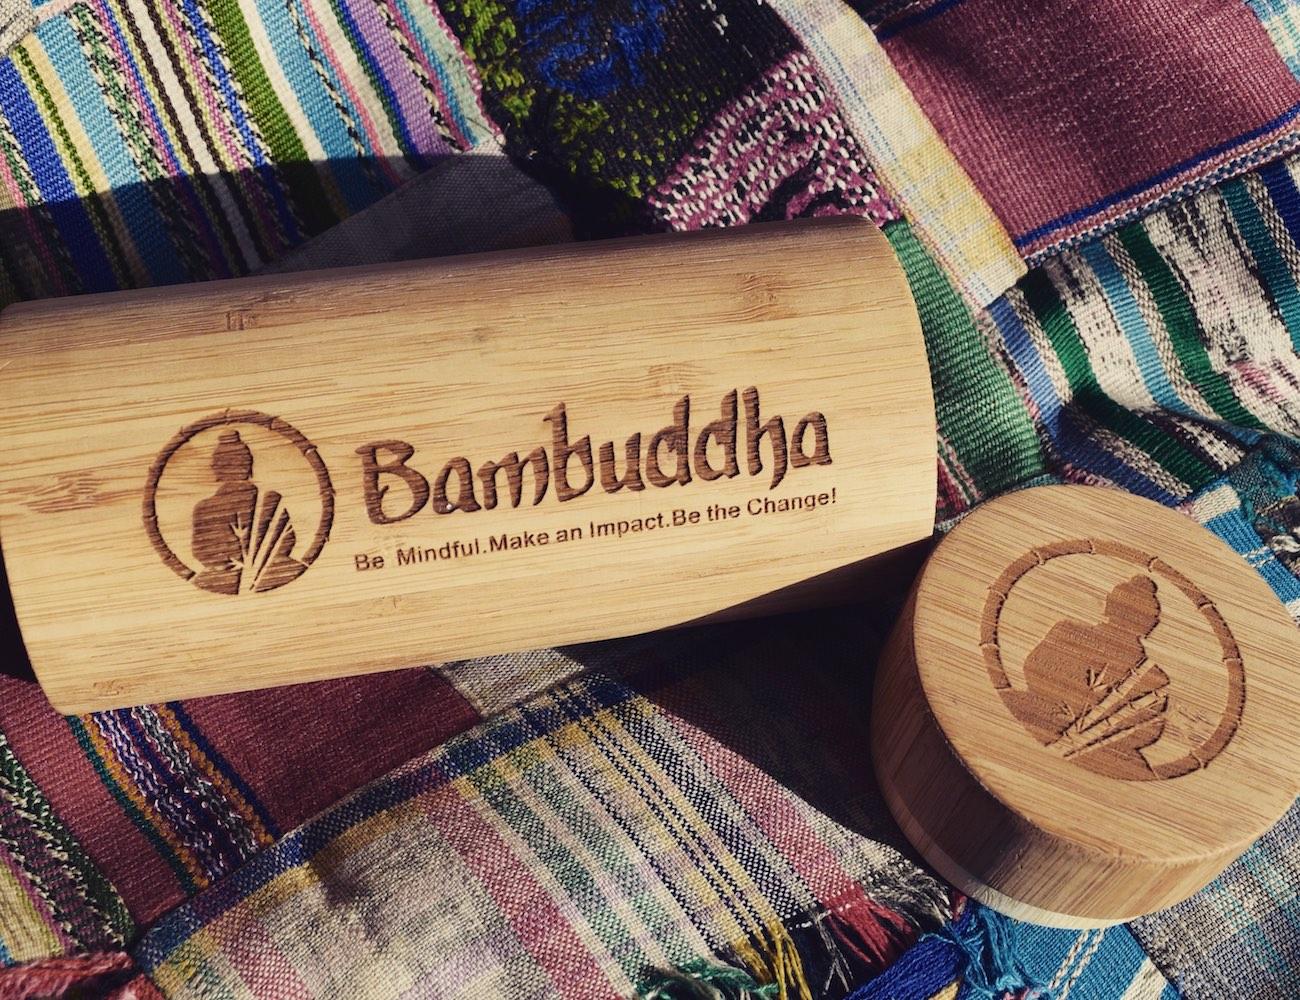 bambuddha-bamboo-sunglasses-new-03